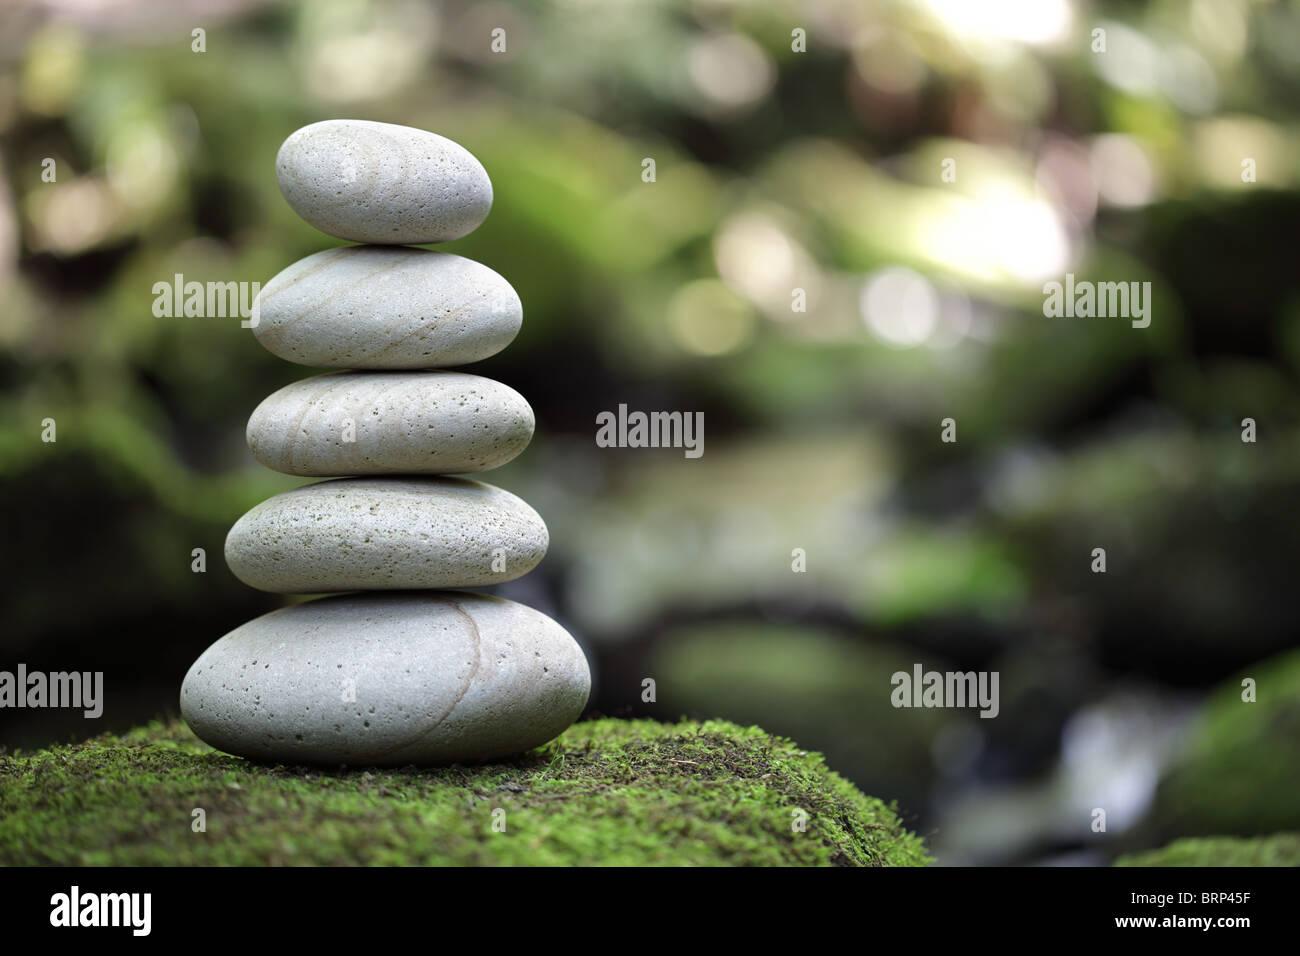 L'équilibre et l'harmonie dans la nature Photo Stock